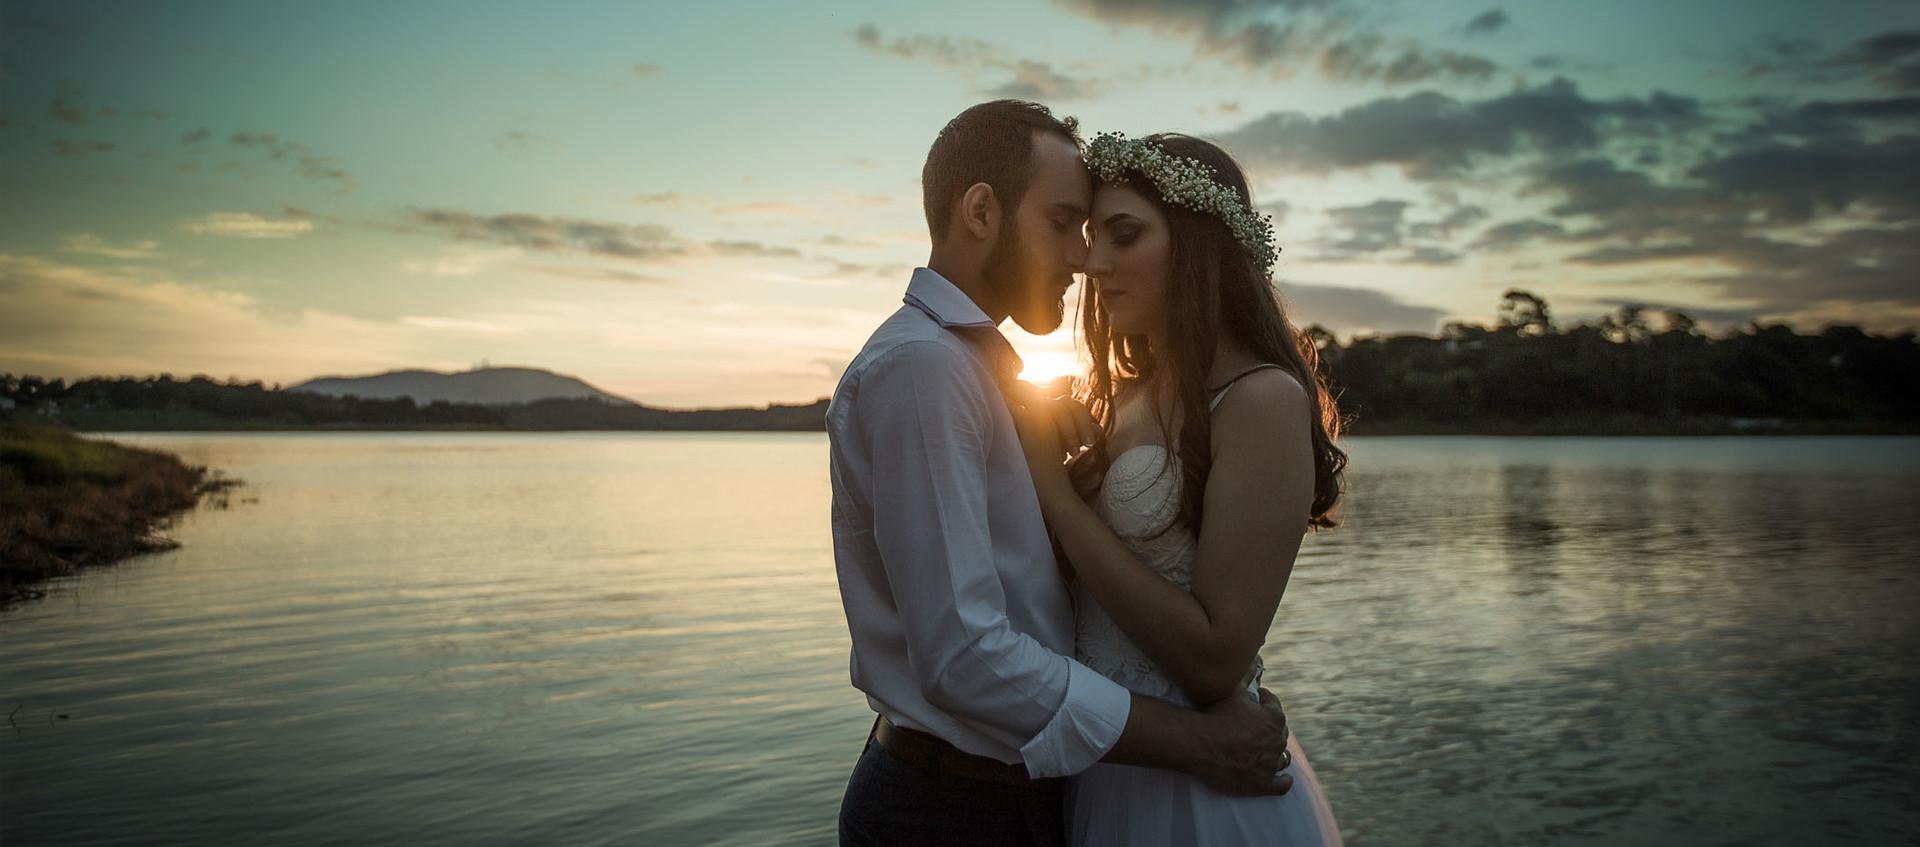 Contate Fotografo-Casamento-Bebe-Book-Aniversário-Ensáios-Fotos aereas-Piracicaba-studioDELLALIBERA